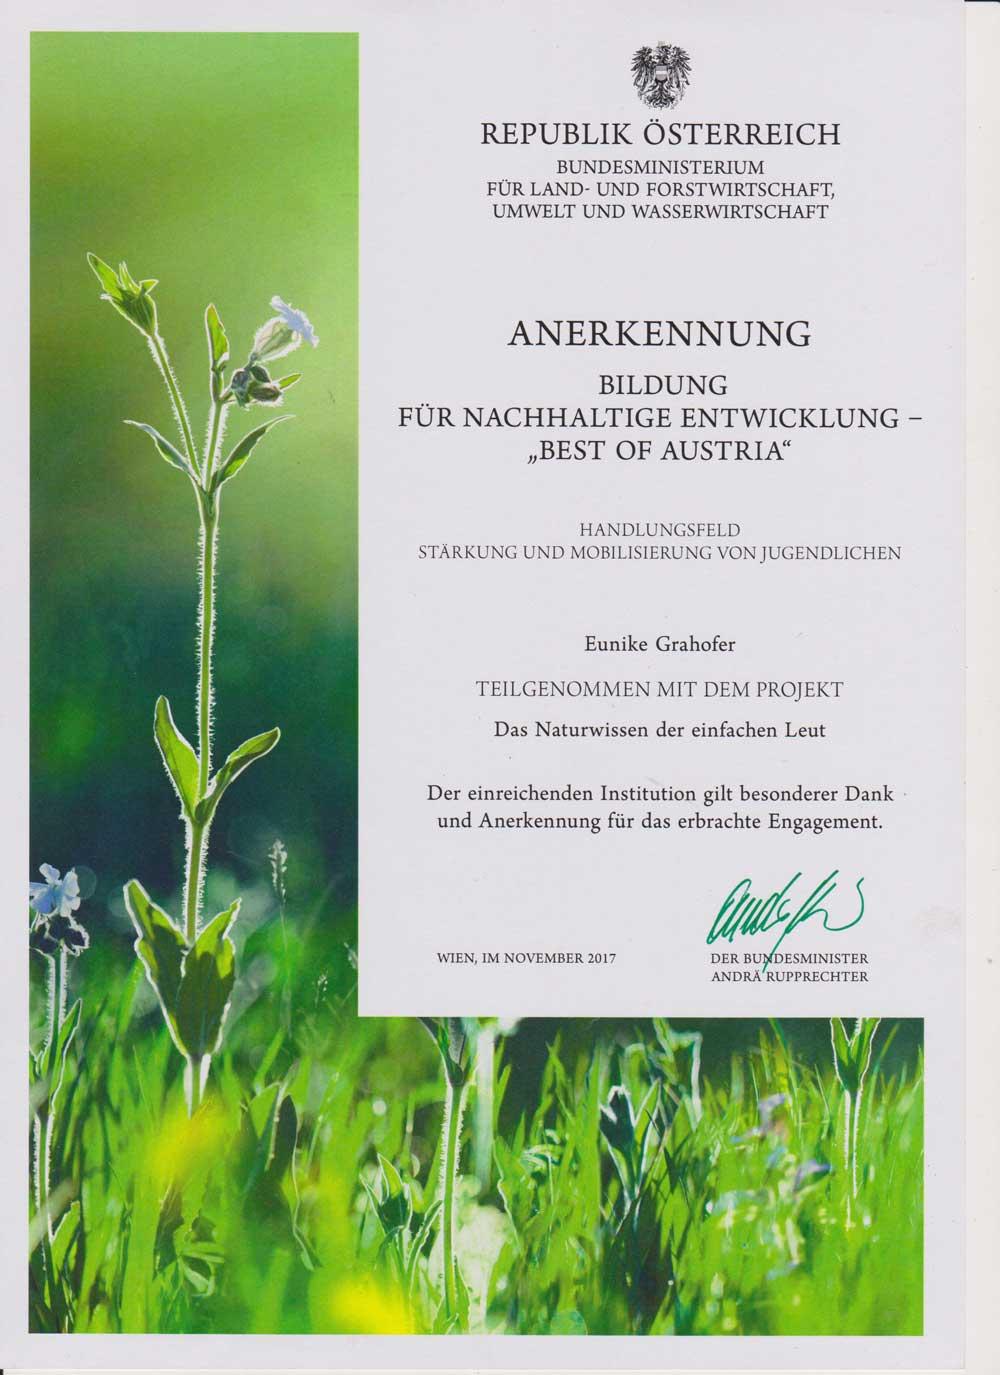 Eunike Grahofer wurde vom Bundesministerium für Land- und Forstwirtschaft, Umwelt- und Wasserwirtschaft mit einer Anerkennungsurkunde für das Projekt das Naturwissen der einfachen Leut ausgezeichnet